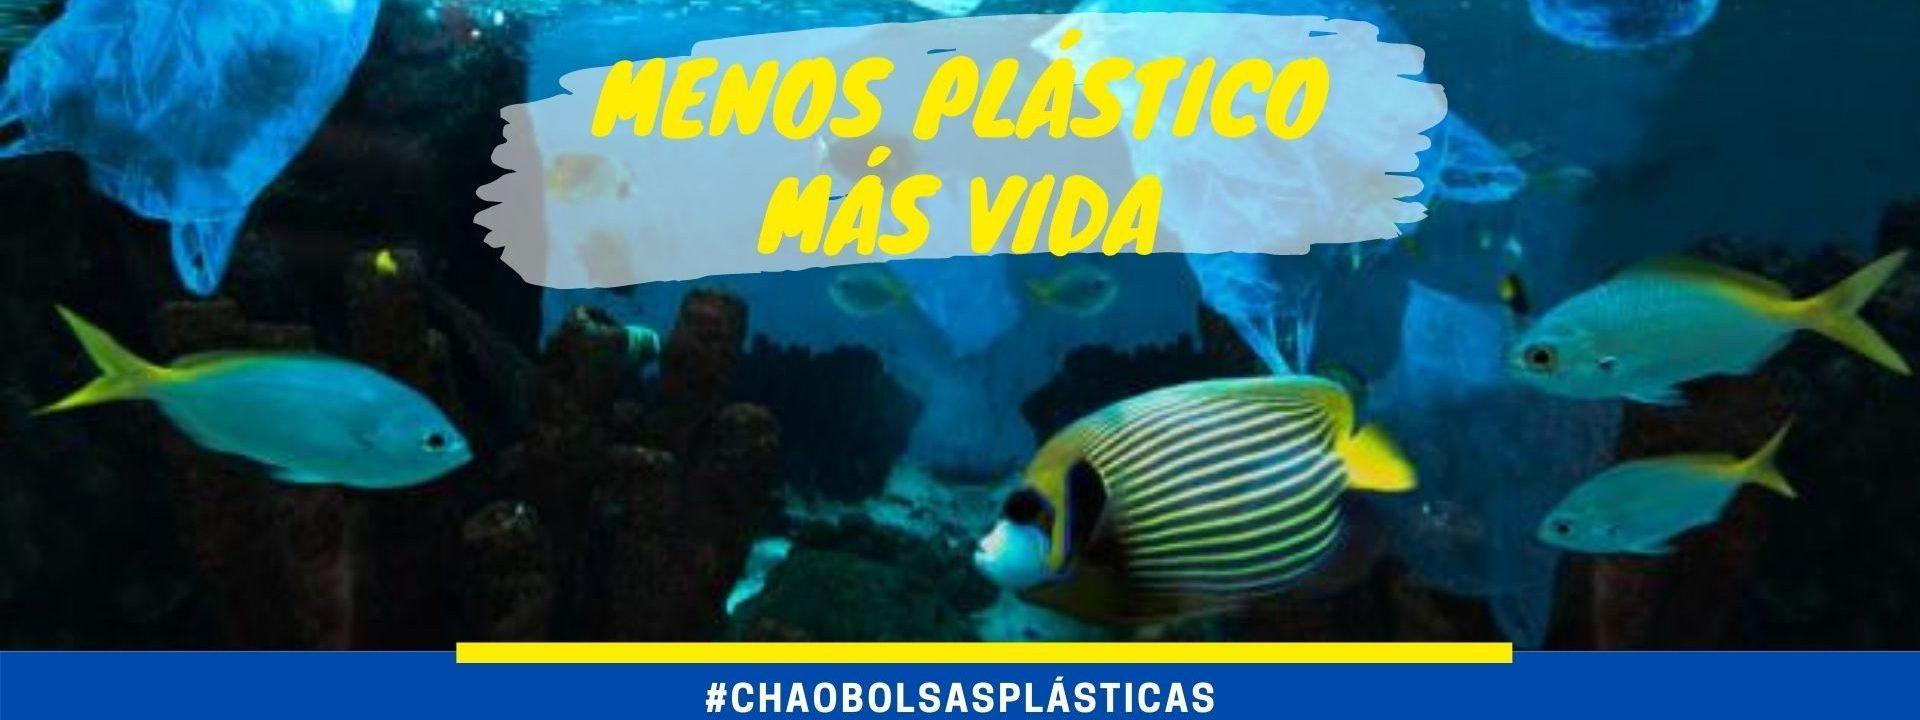 Chile se convierte en el primer país de Latinoamérica en prohibir el uso de bolsas plásticas comerciales